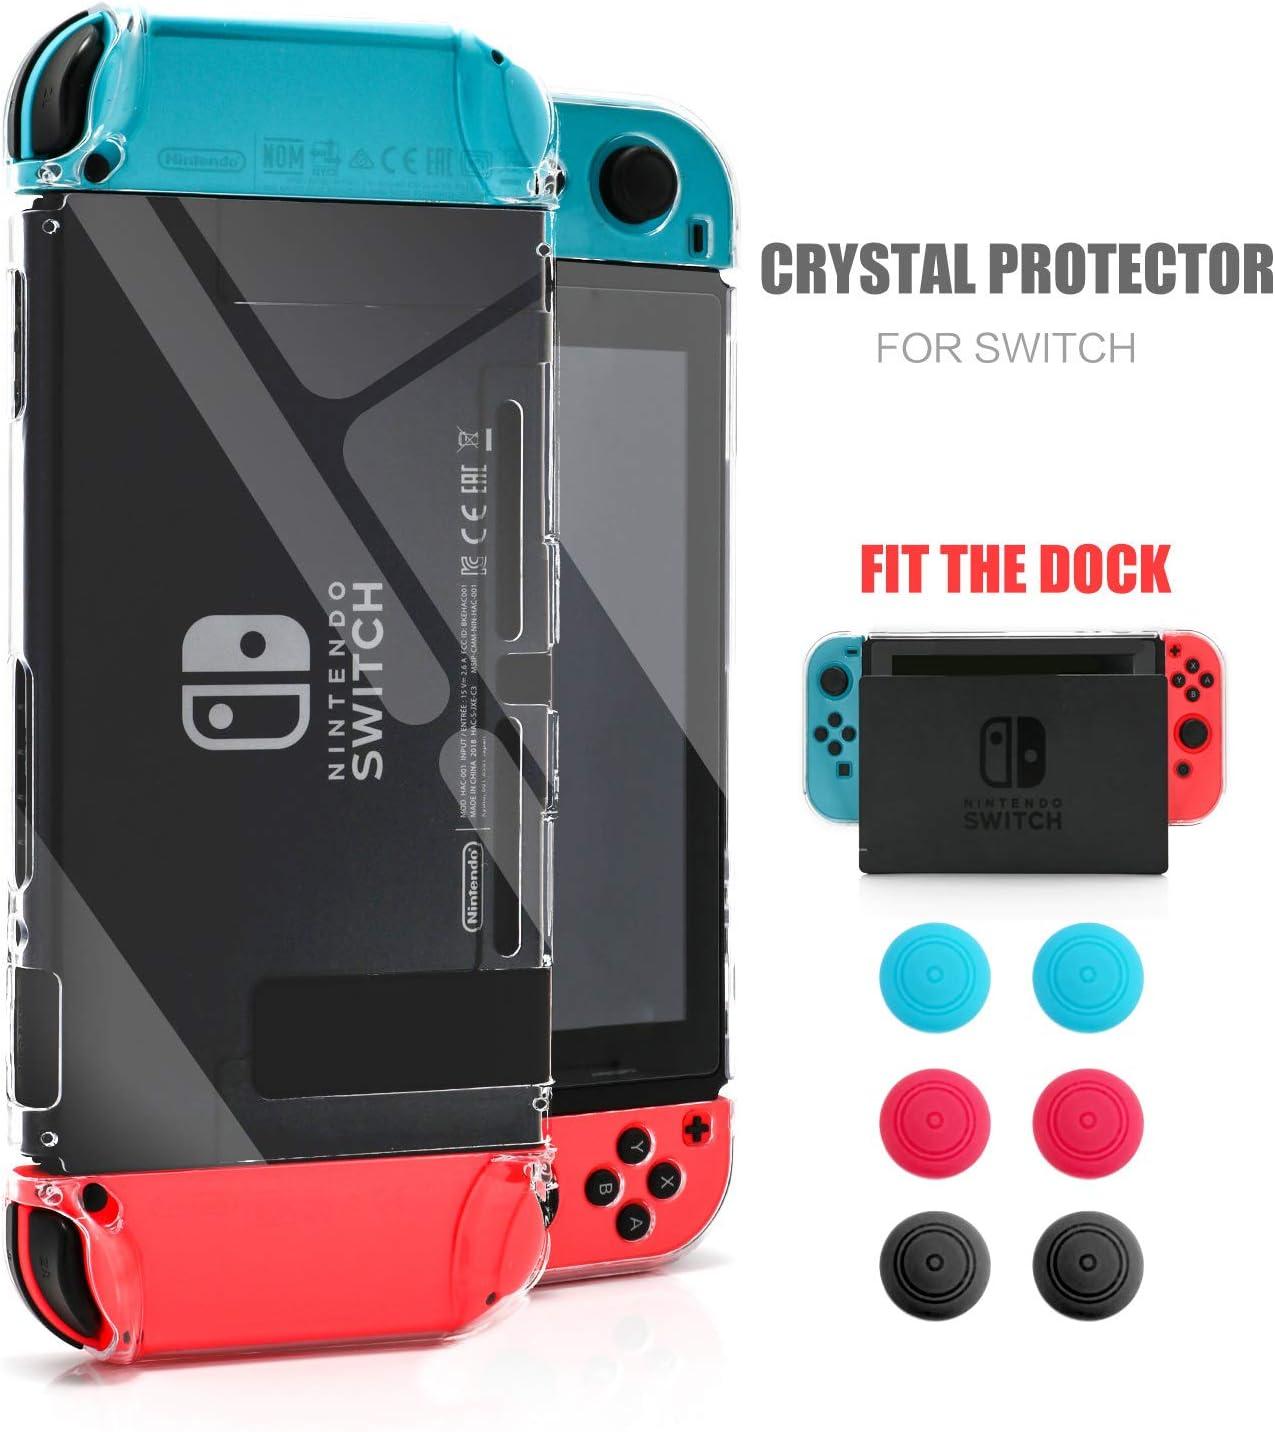 Dockable - Carcasa Protectora para Nintendo Switch, Protector Transparente para Nintendo Switch con Protector de Pantalla de Cristal Templado y 6 Fundas Joy Stick: Amazon.es: Electrónica